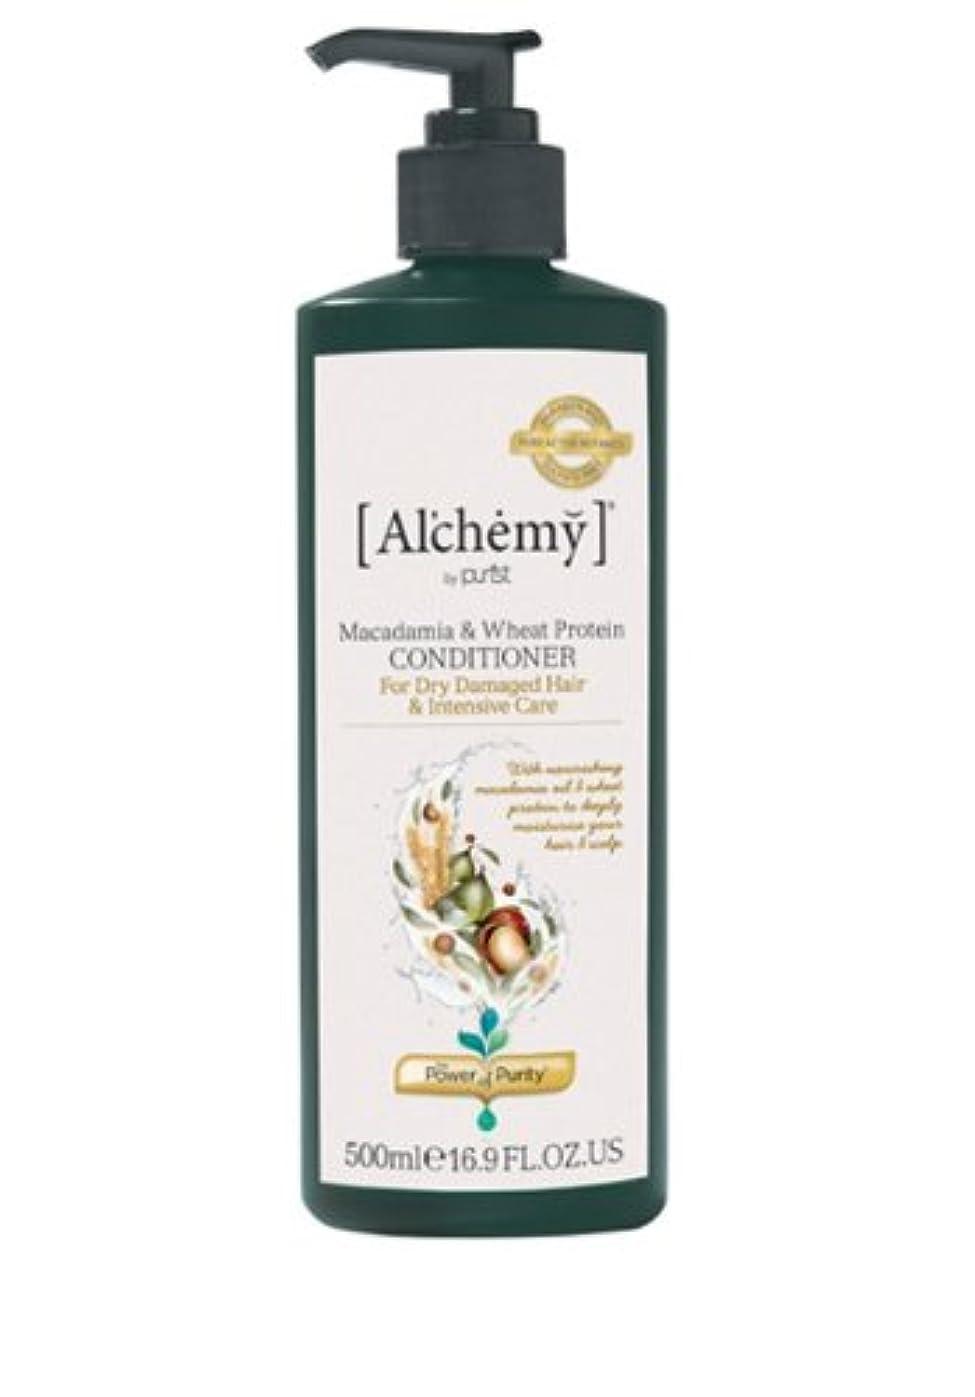 ドーム知覚する嵐の【Al'chemy(alchemy)】アルケミー マカダミア&ホイート(小麦) コンディショナー(Macadamia & Wheat Protein Conditioner)(ドライ髪用)500ml